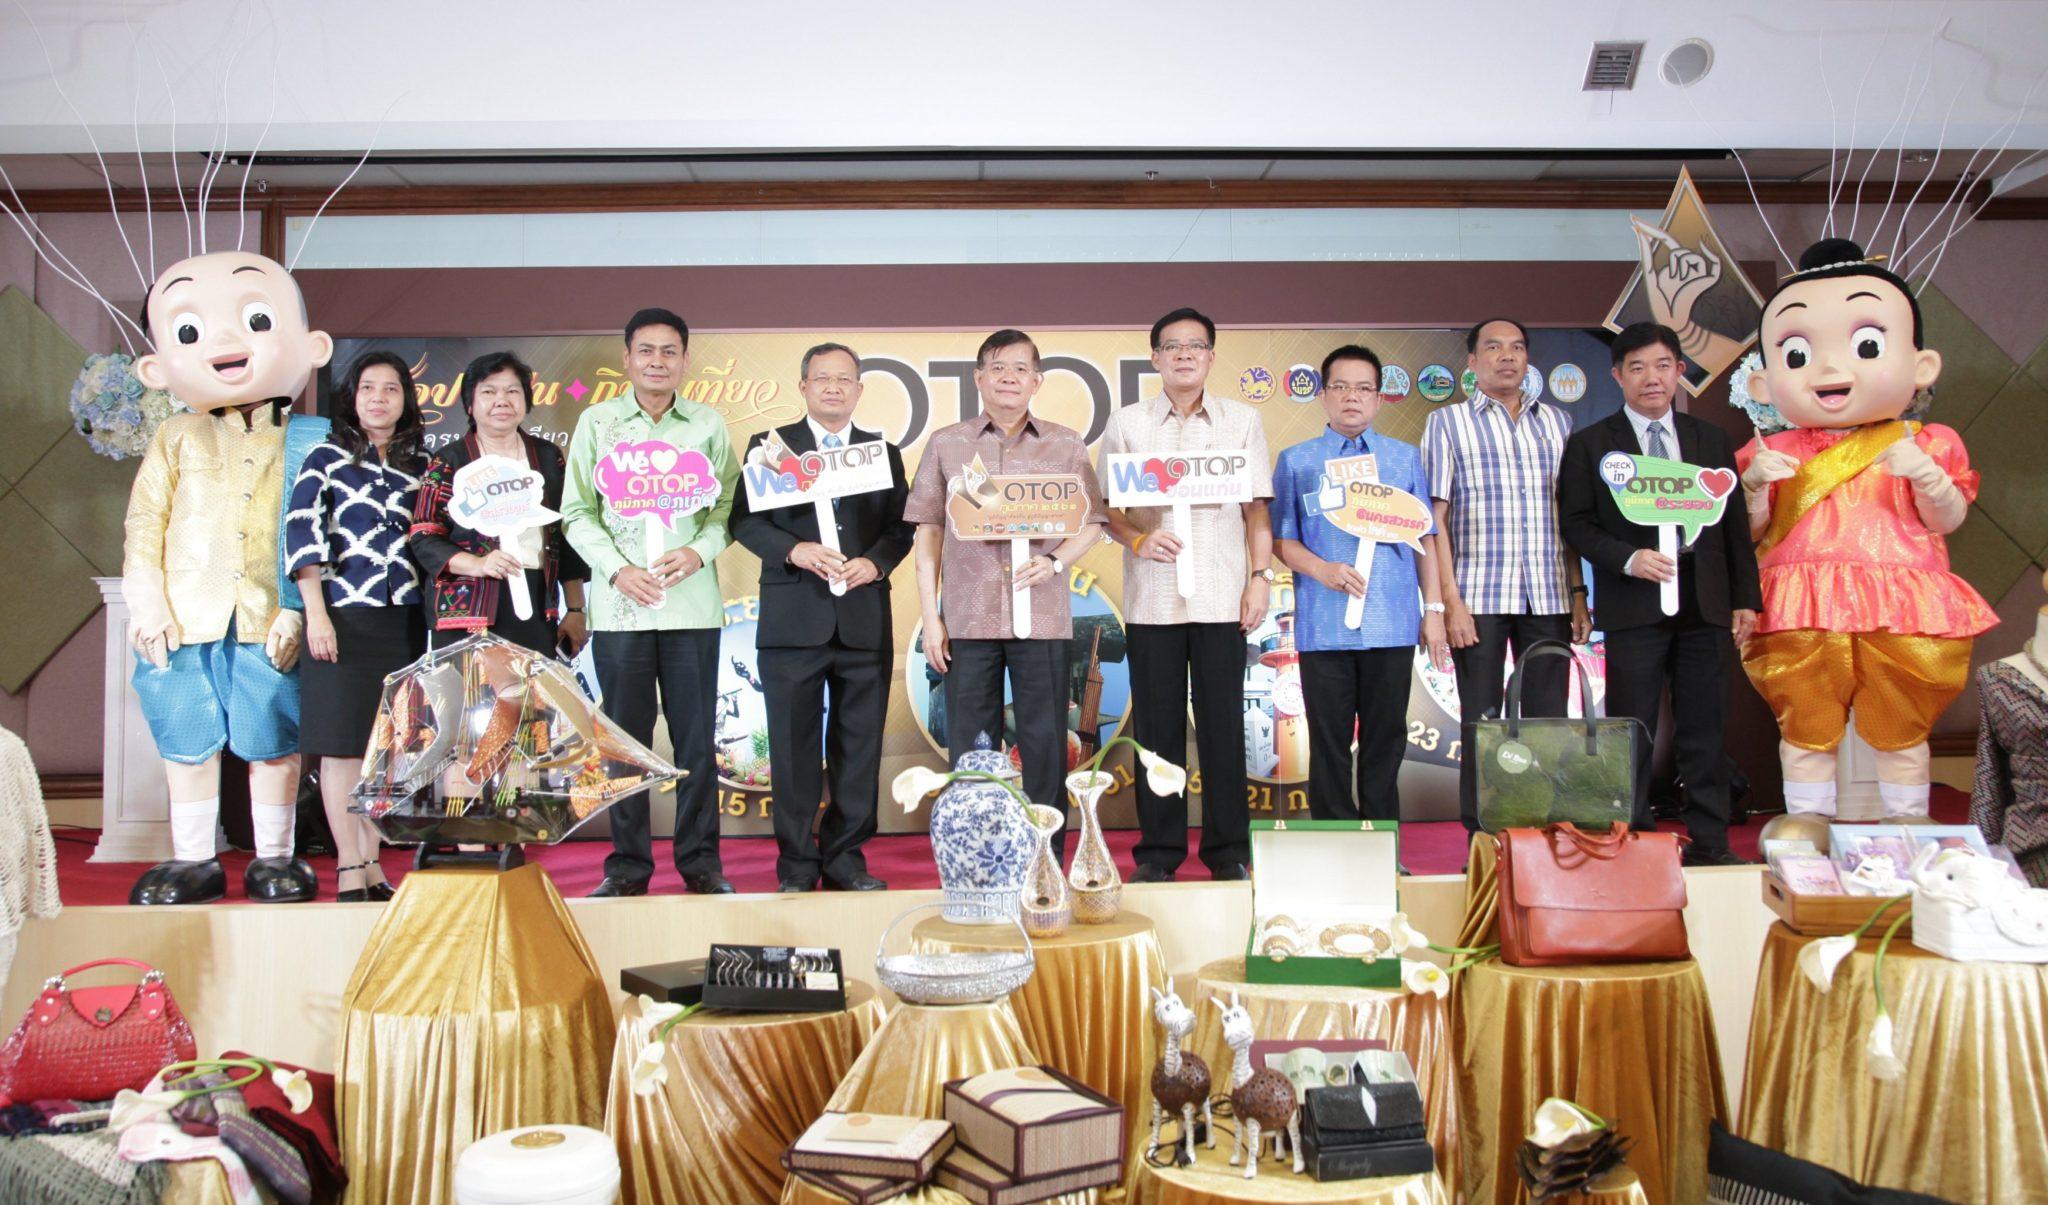 """กรมการพัฒนาชุมชน จัดยิ่งใหญ่งาน """"OTOP ภูมิภาค 2561"""" ครอบคลุม 5 จังหวัดทั่วไทย 13 -"""